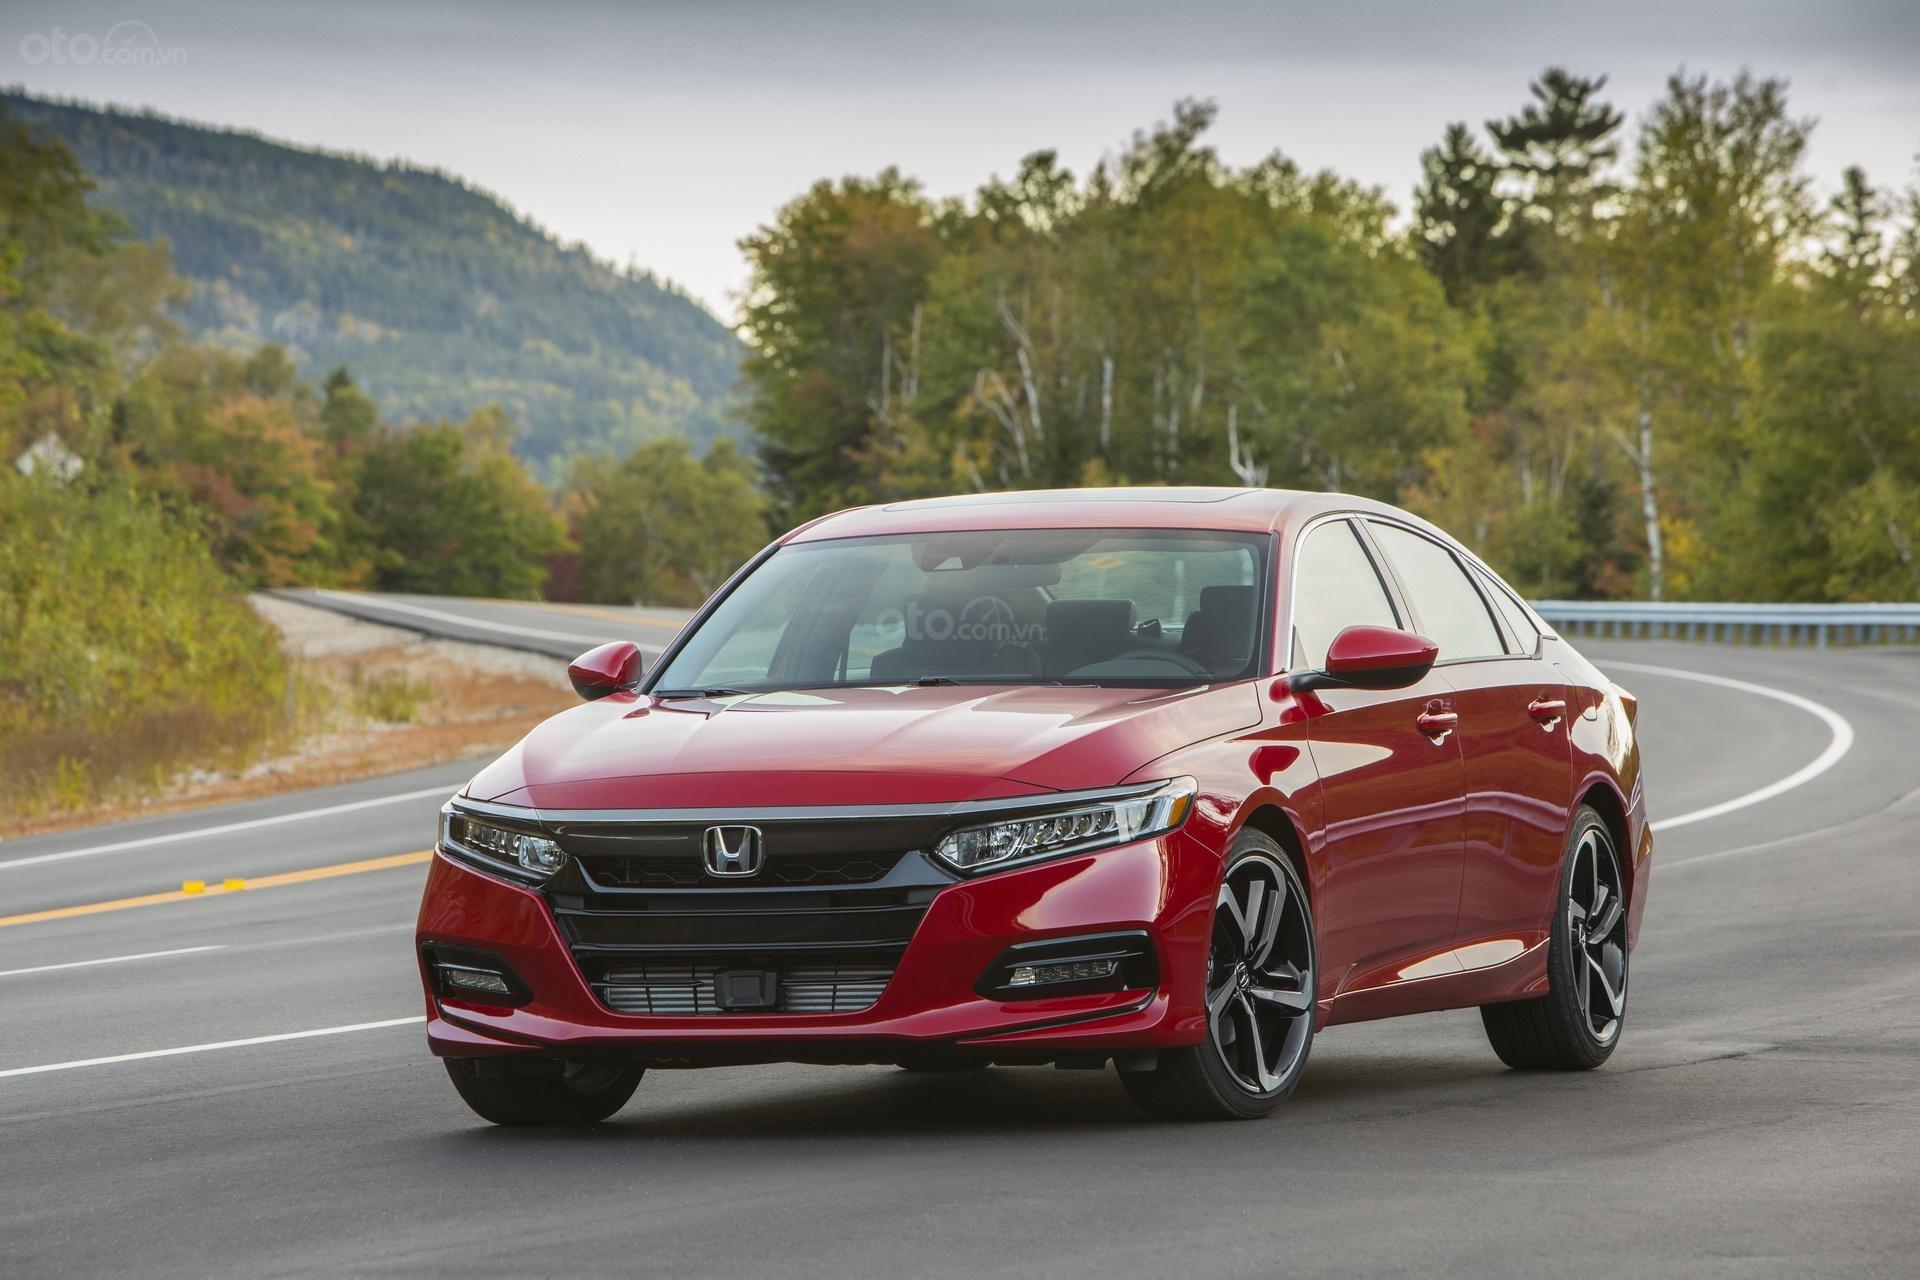 Honda Accord 2019 Sport màu đỏ đang chạy